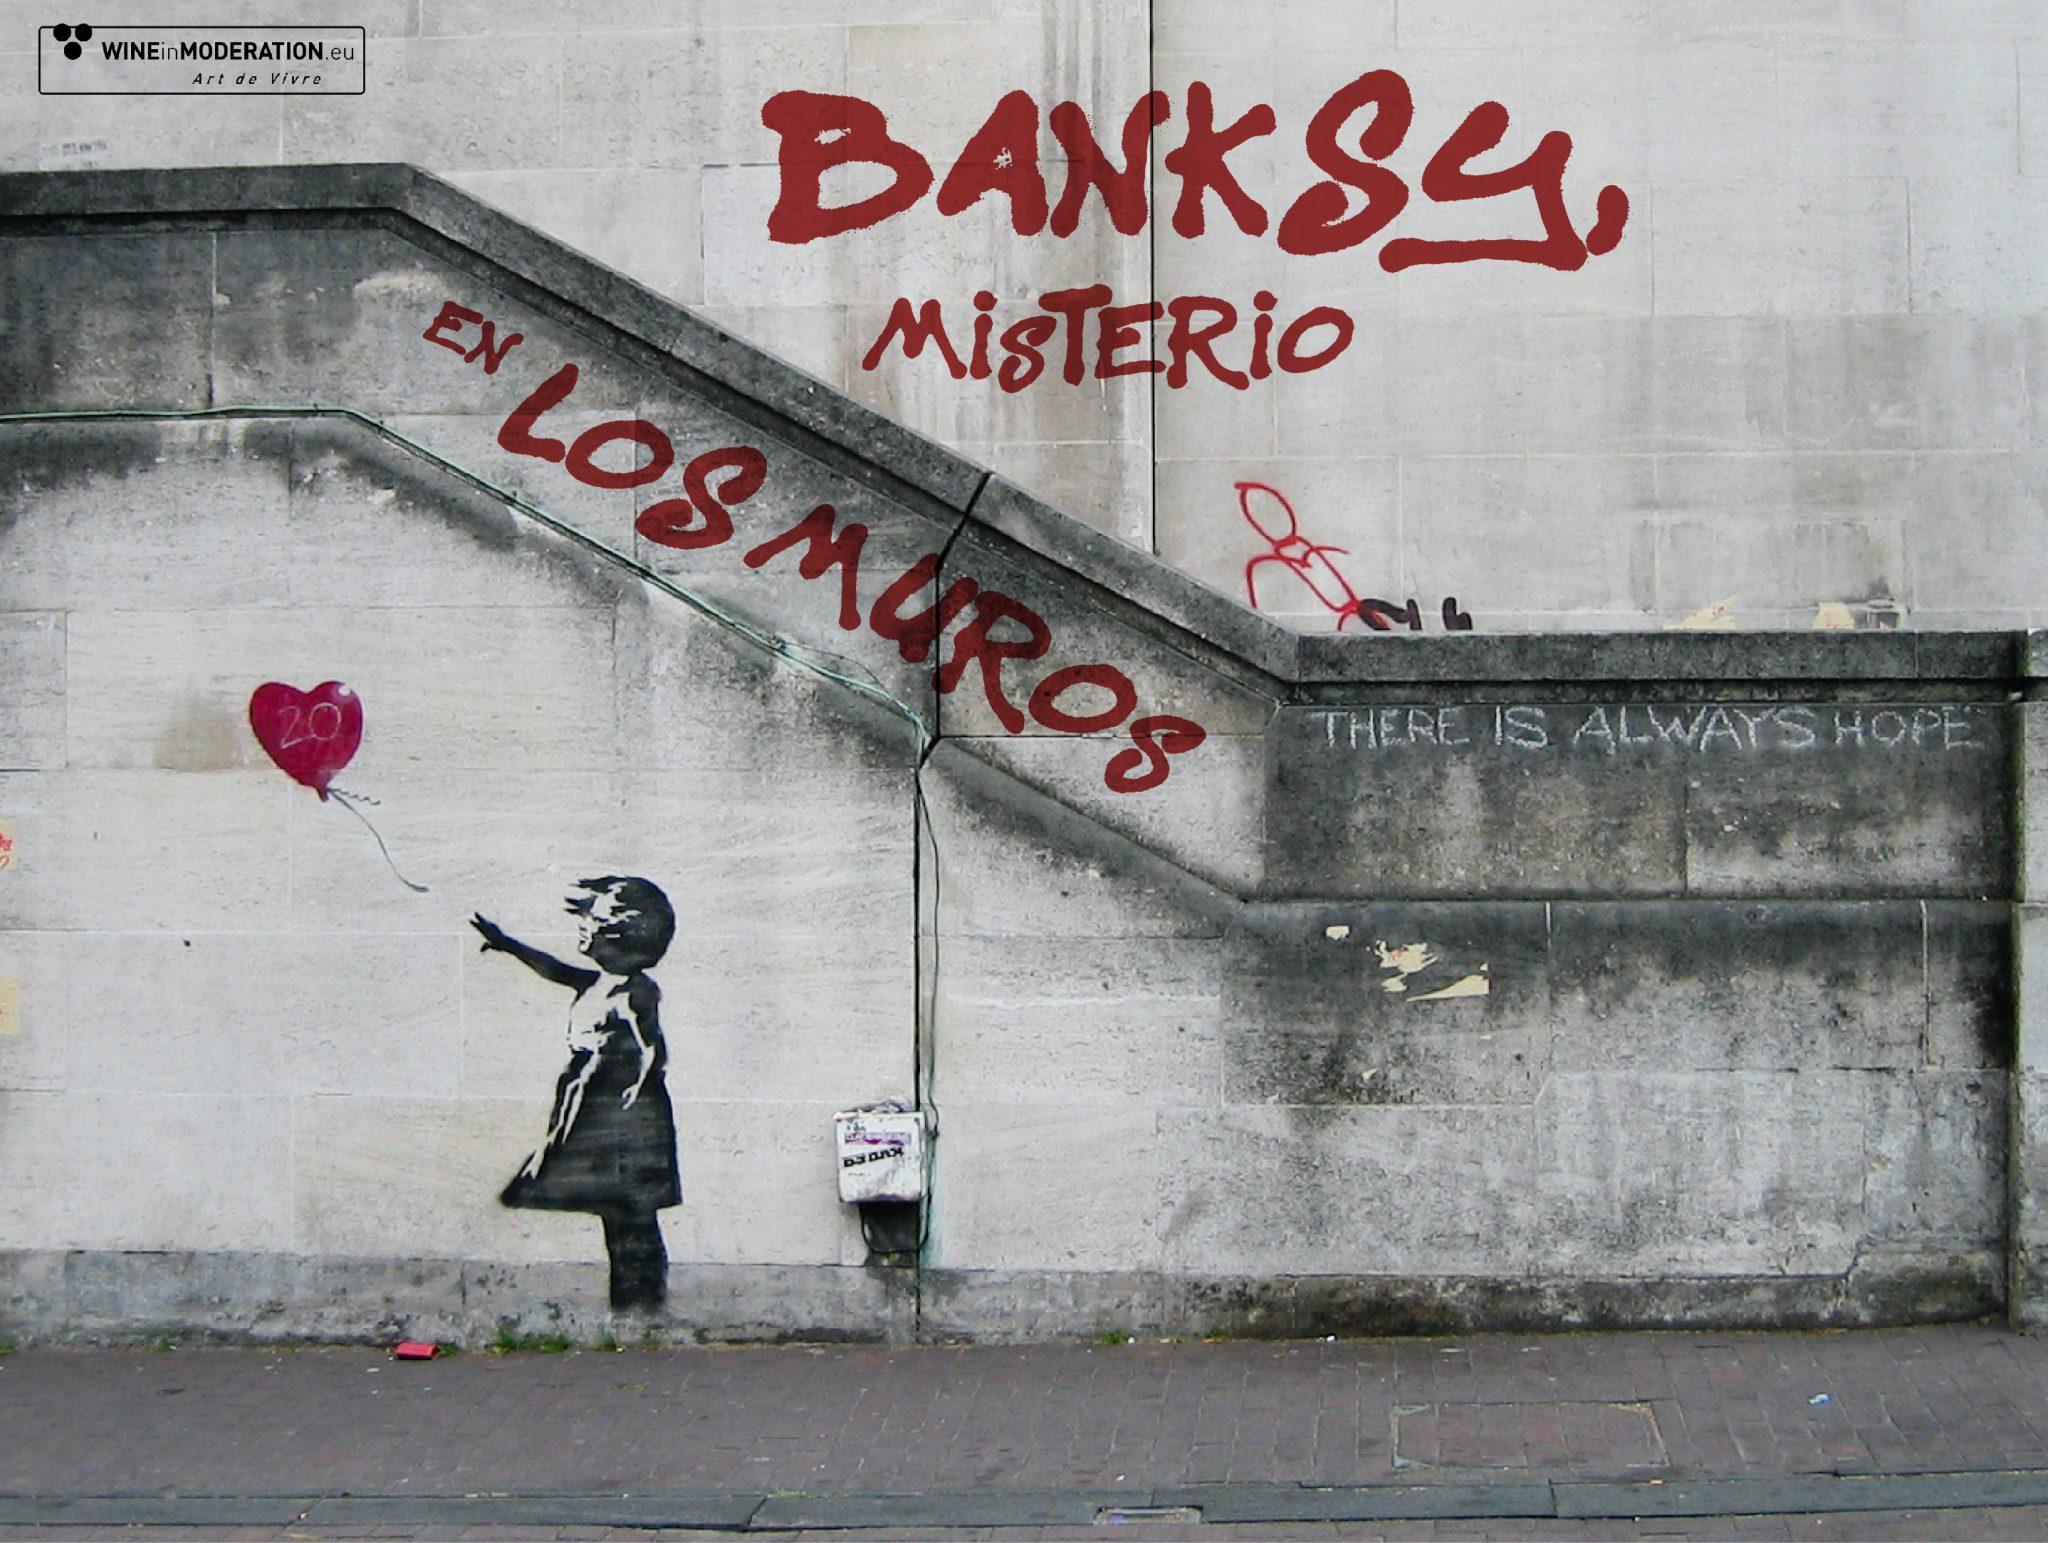 Banksy, misterio en los muros